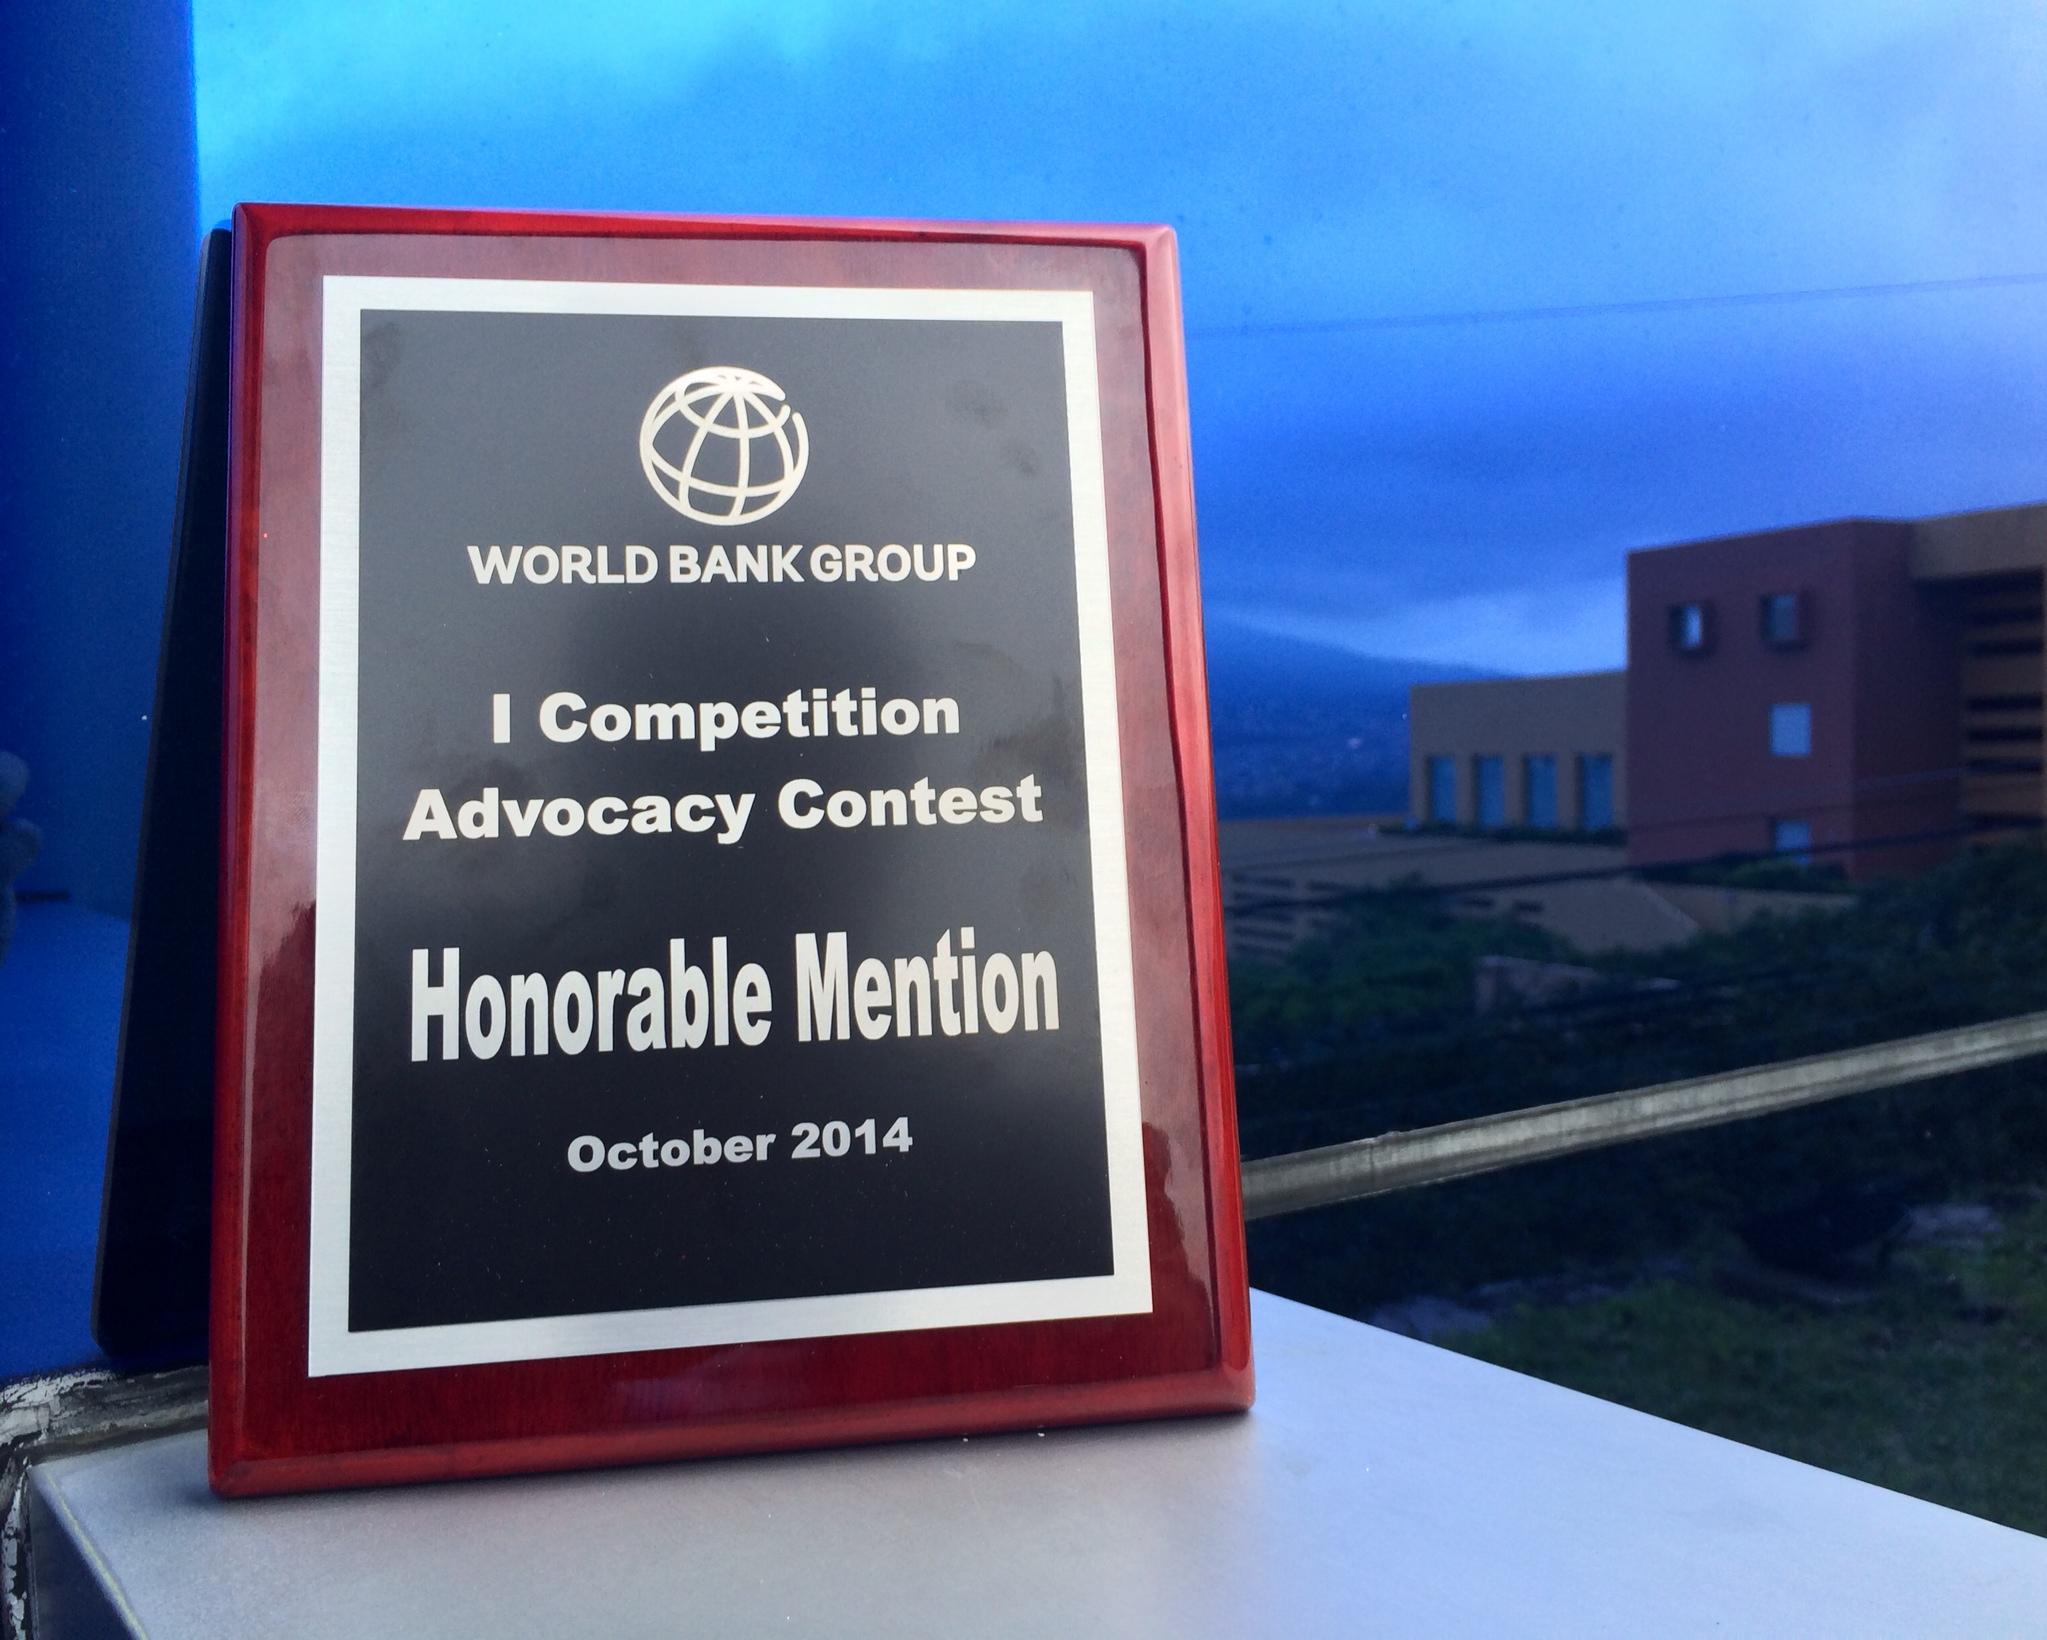 La Guía práctica para promover la competencia en normas fue un proyecto premiado por el Banco Mundial y la Red internacional de Competencia en 2013 con una mención honorífica.